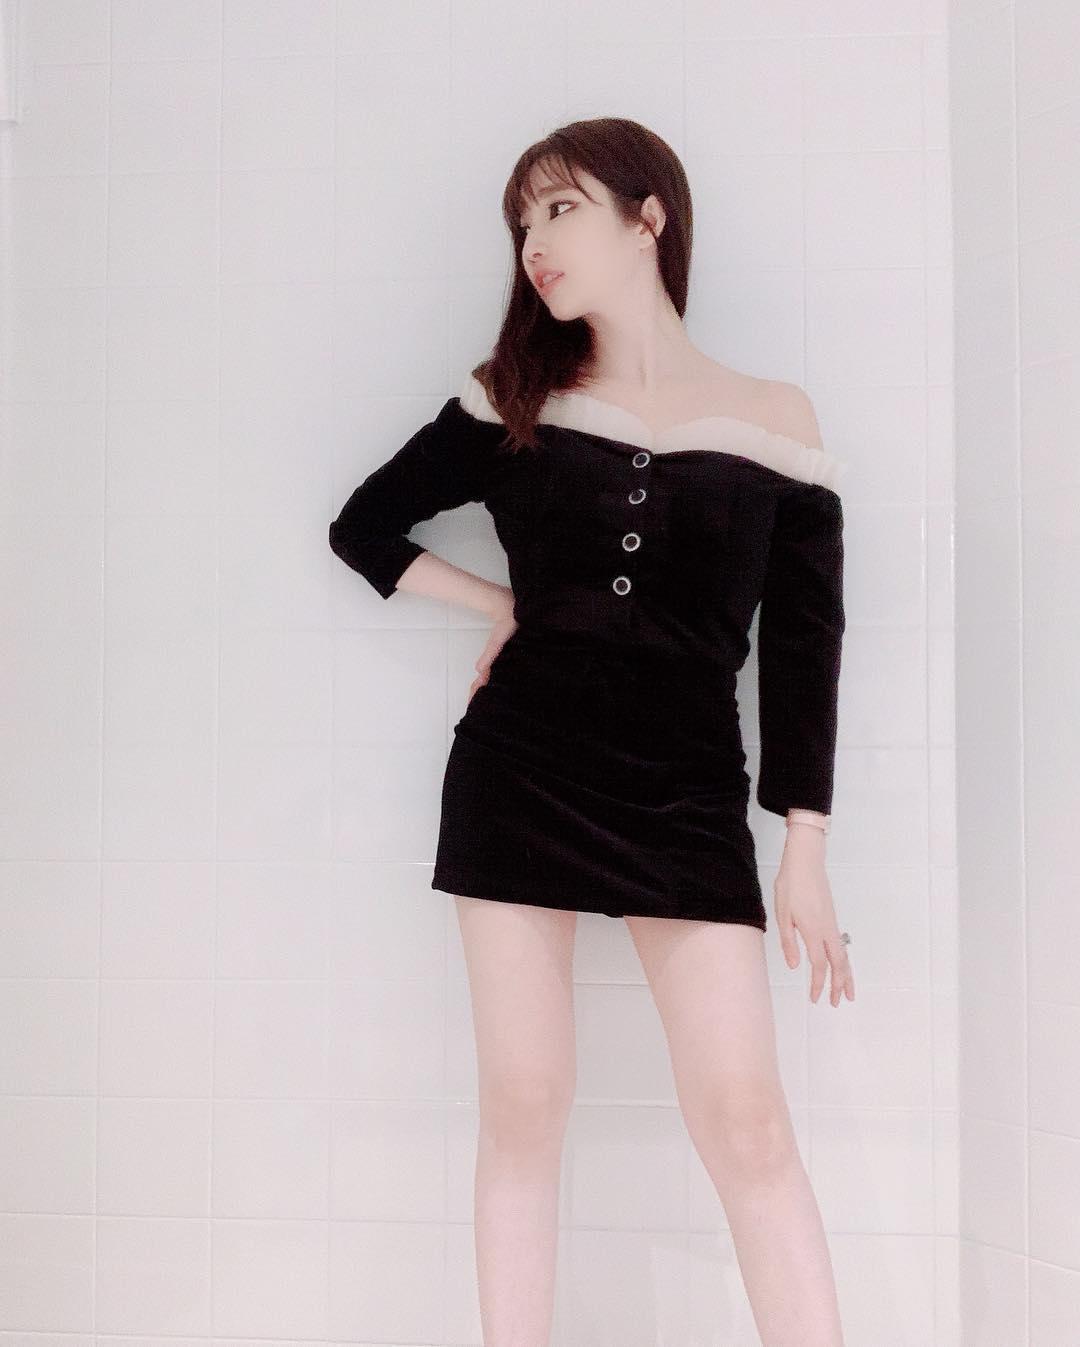 morishita_yuri215.jpg